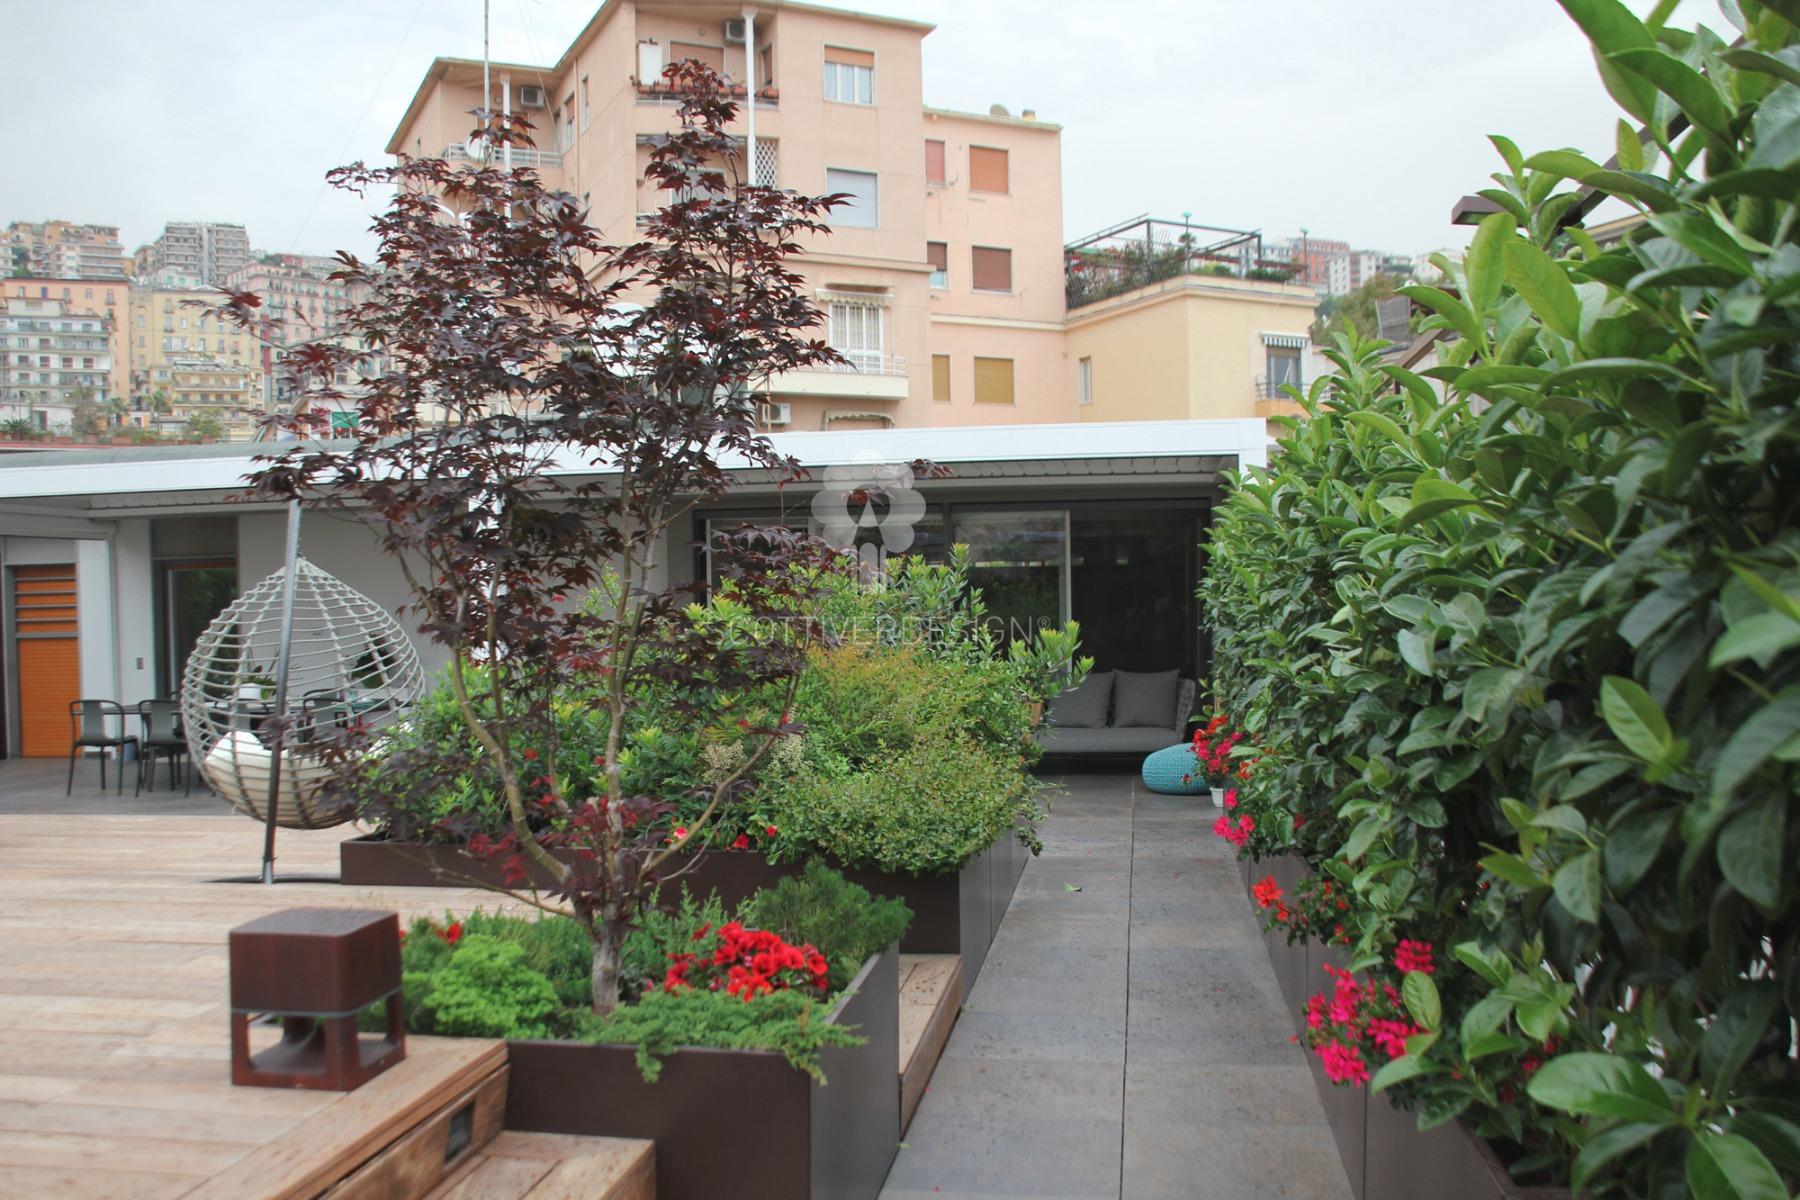 Divisorio per giardino con trasformare balcone giardino for Balcone giardino